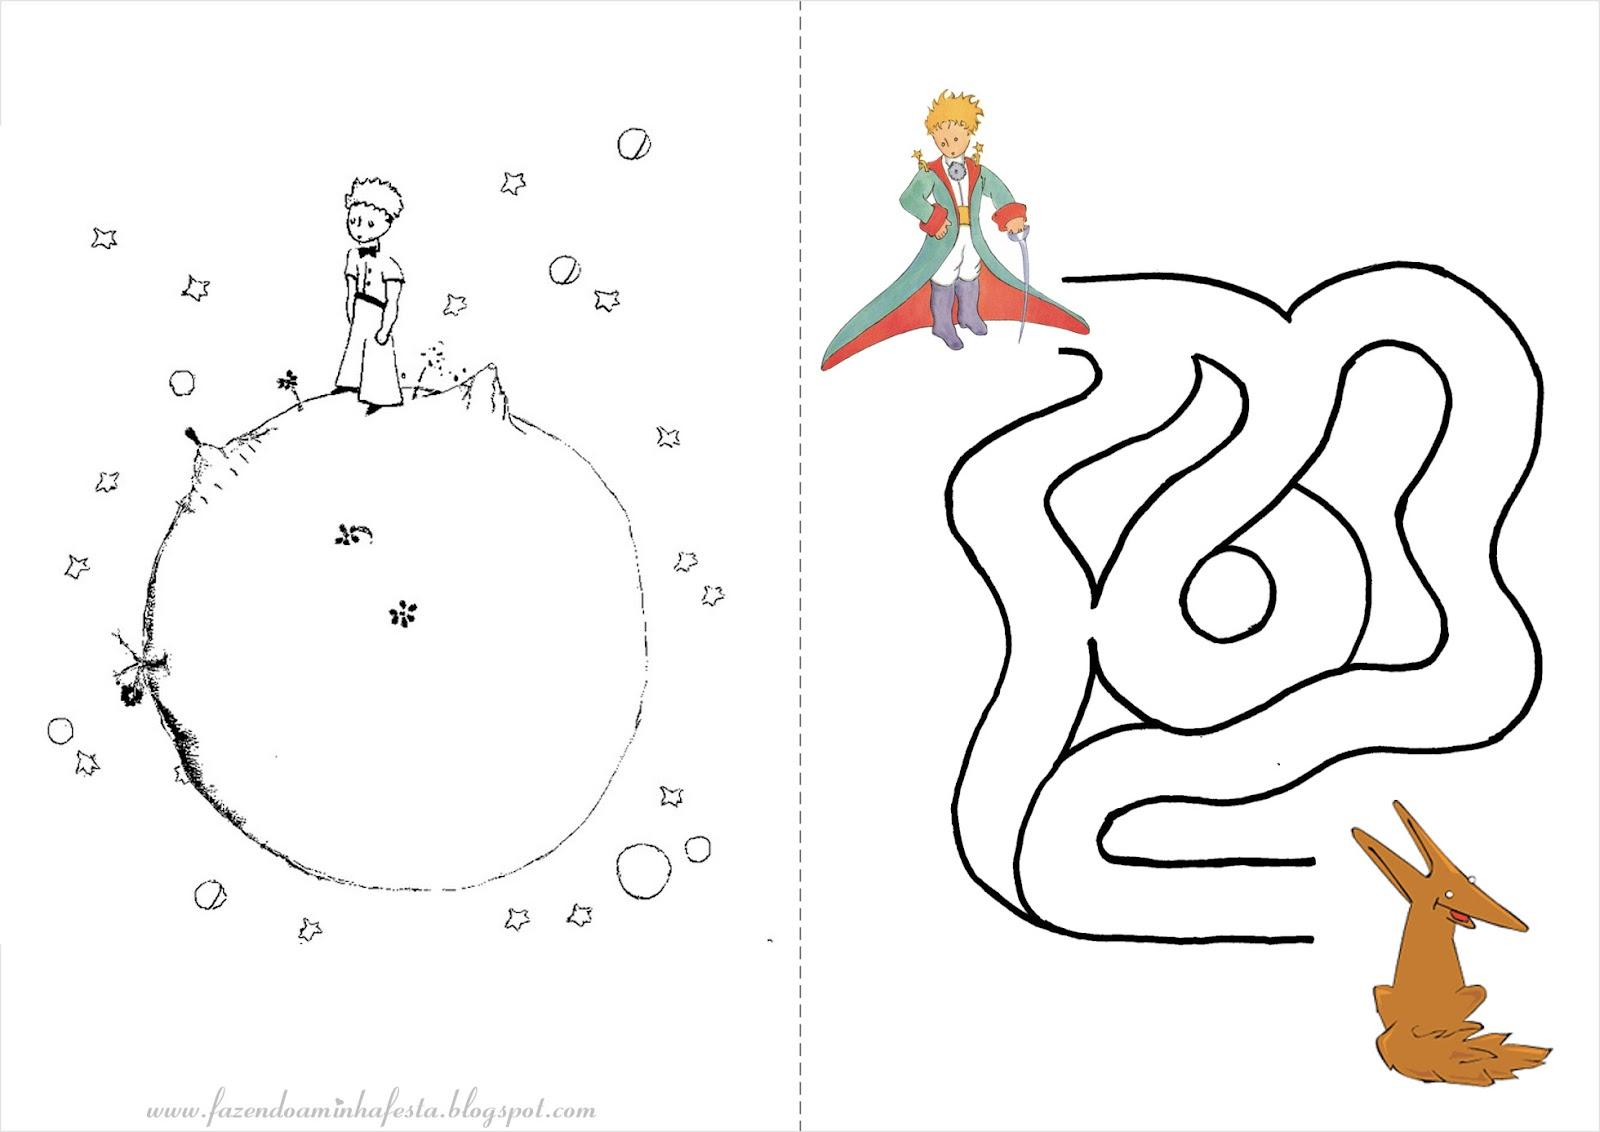 Desenhos Para Colorir Principe: Fazendo A Minha Festa Para Colorir: Pequeno Príncipe